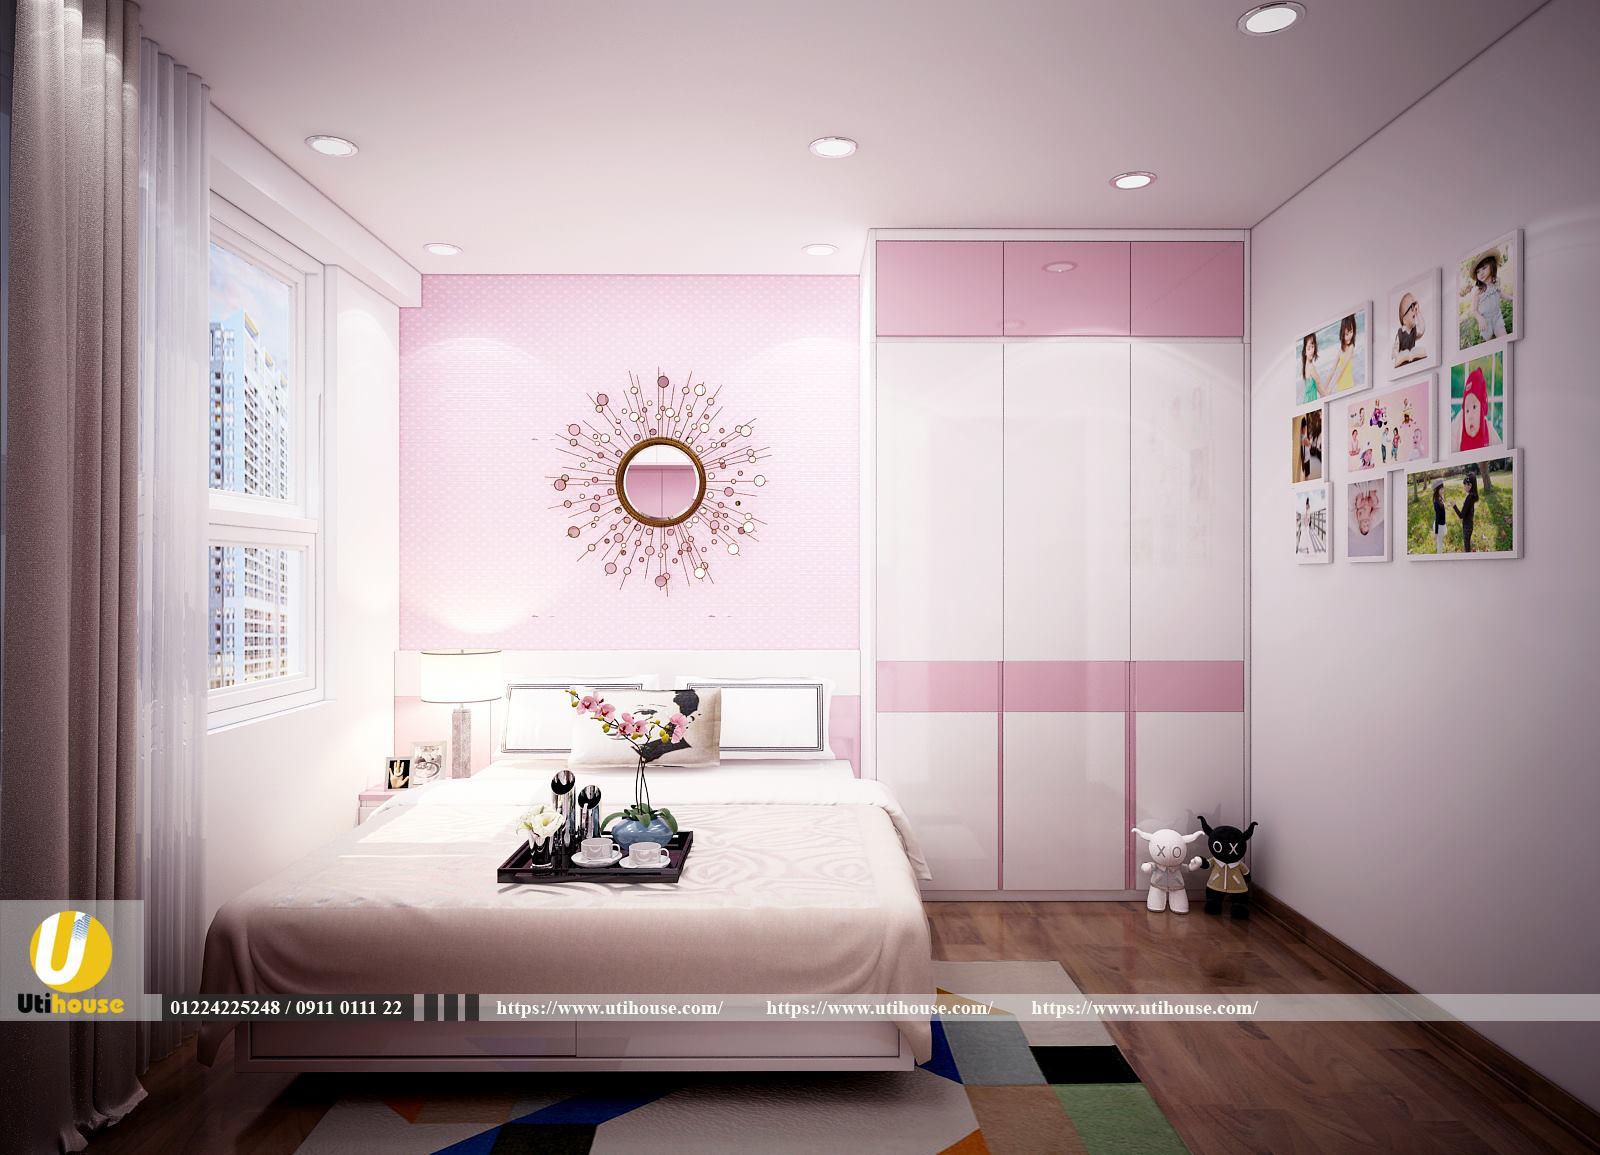 Xu hướng màu sơn phòng ngủ đẹp nhất hiện nay bạn không nên bỏ lỡ